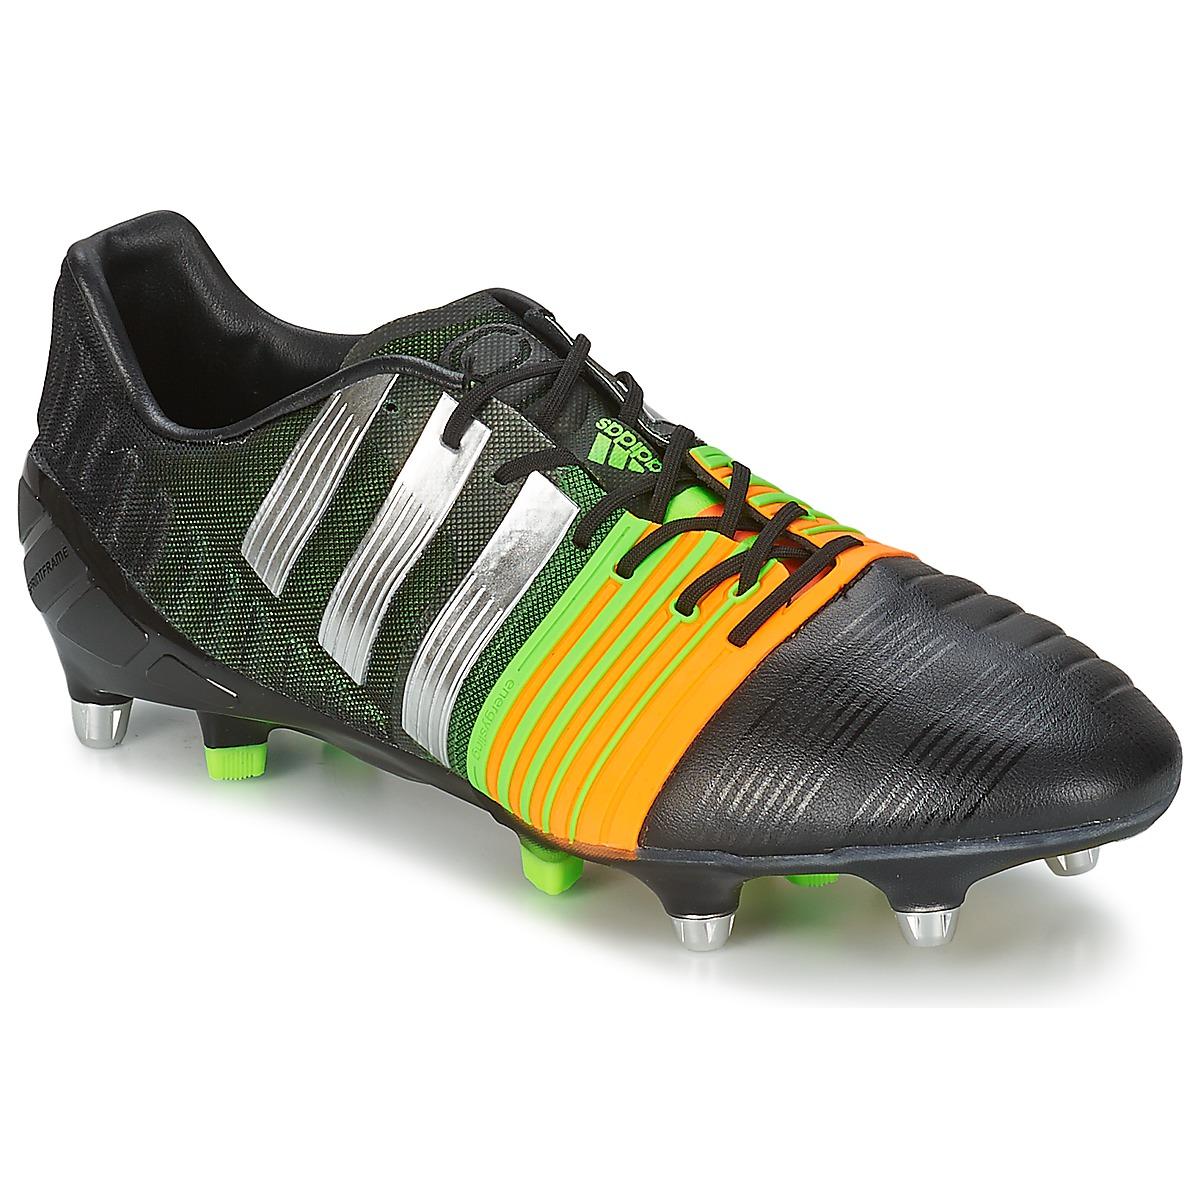 adidas Performance NITROCHARGE 10 SG Schwarz / Gelb - Kostenloser Versand bei Spartoode ! - Schuhe Fussballschuhe Herren 104,50 €